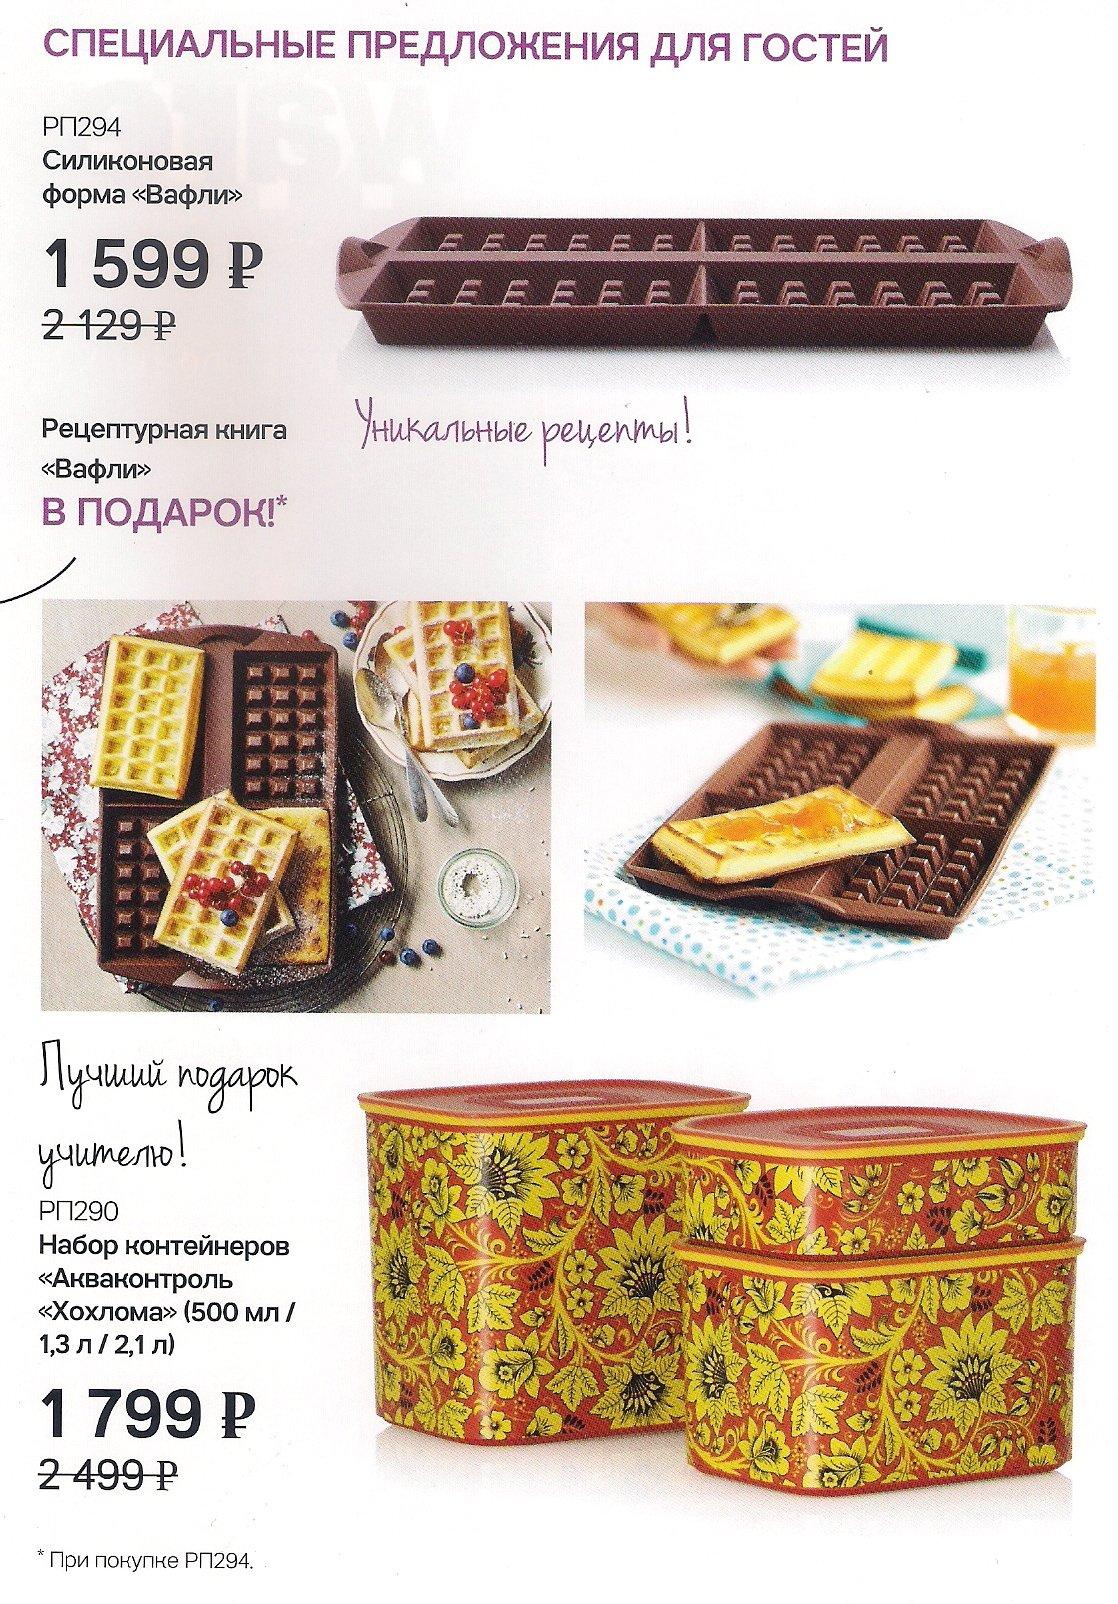 http://tupperware-online.ru/images/upload/13b.jpg